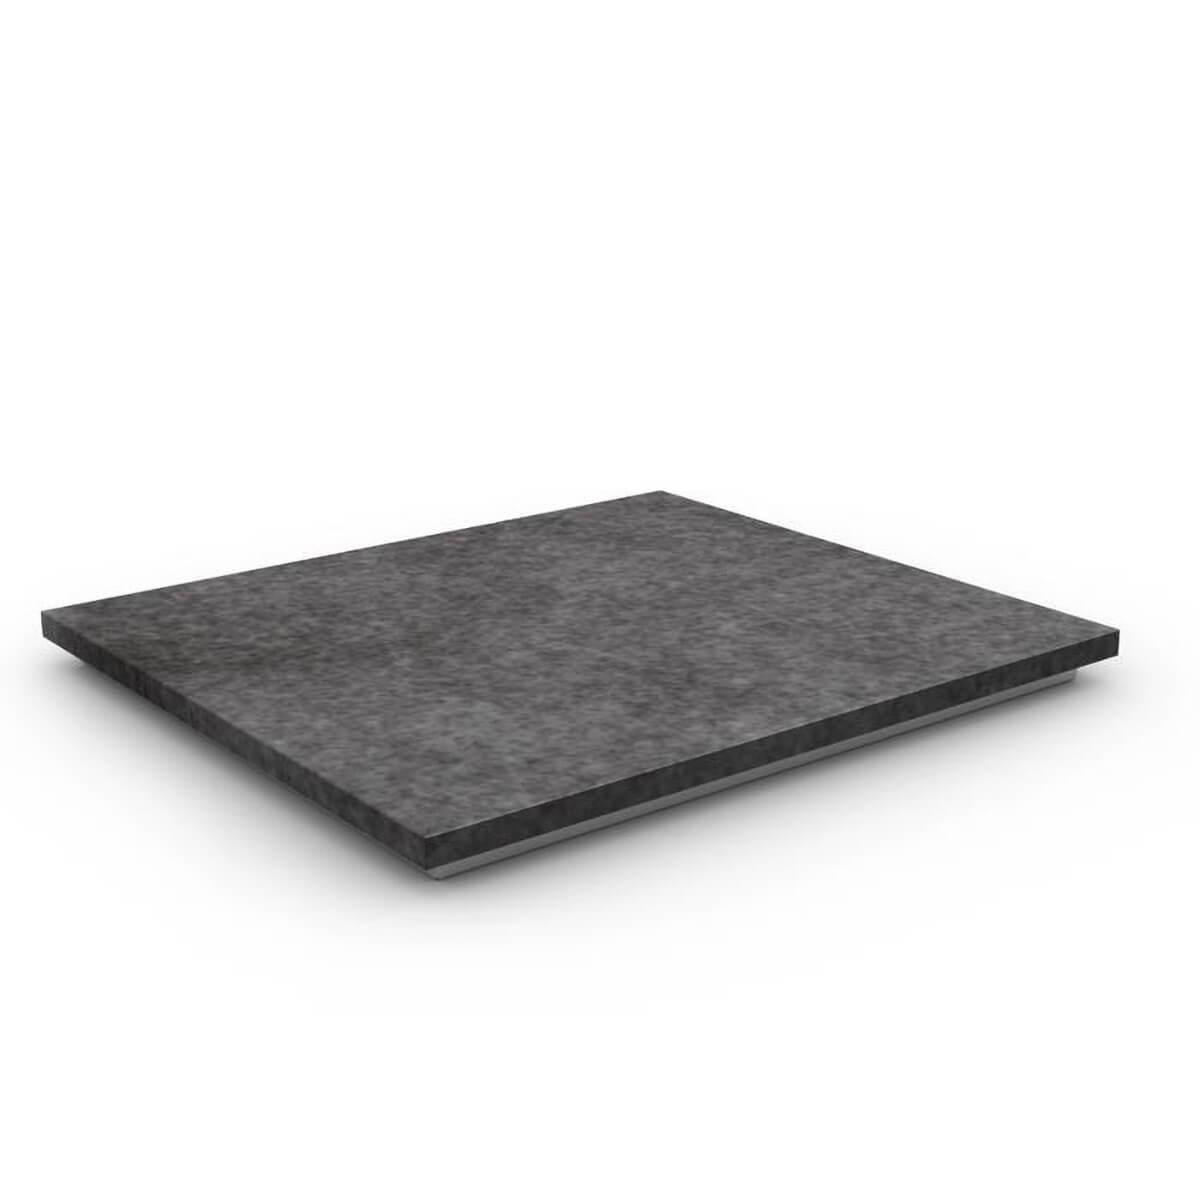 Heibi Outdoorküchen Granit-Arbeitsplatte 800026-072